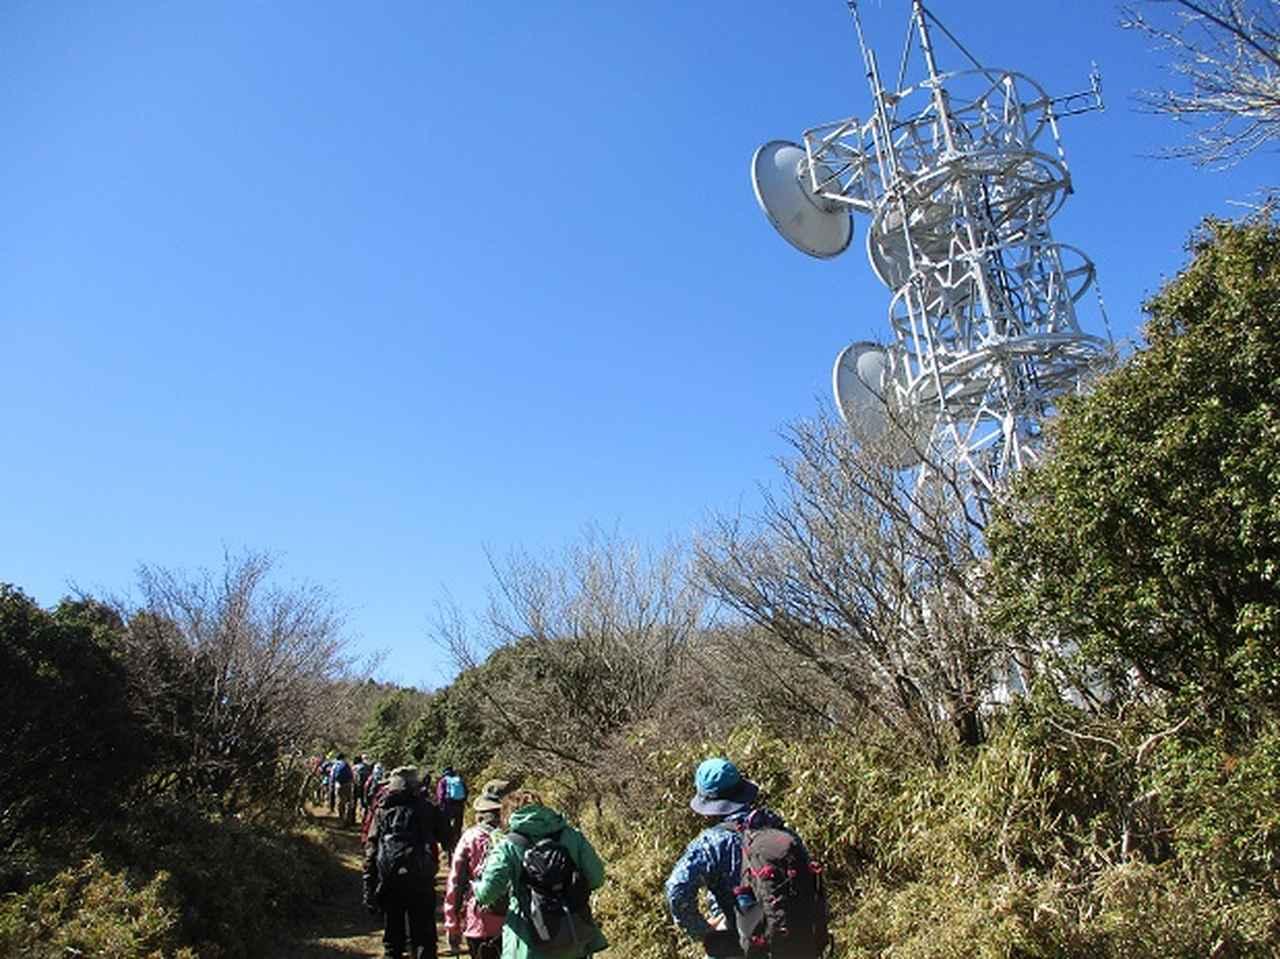 画像9: 3月8日に岡田ガイドと 達磨山 のツアーへ行ってきました♪